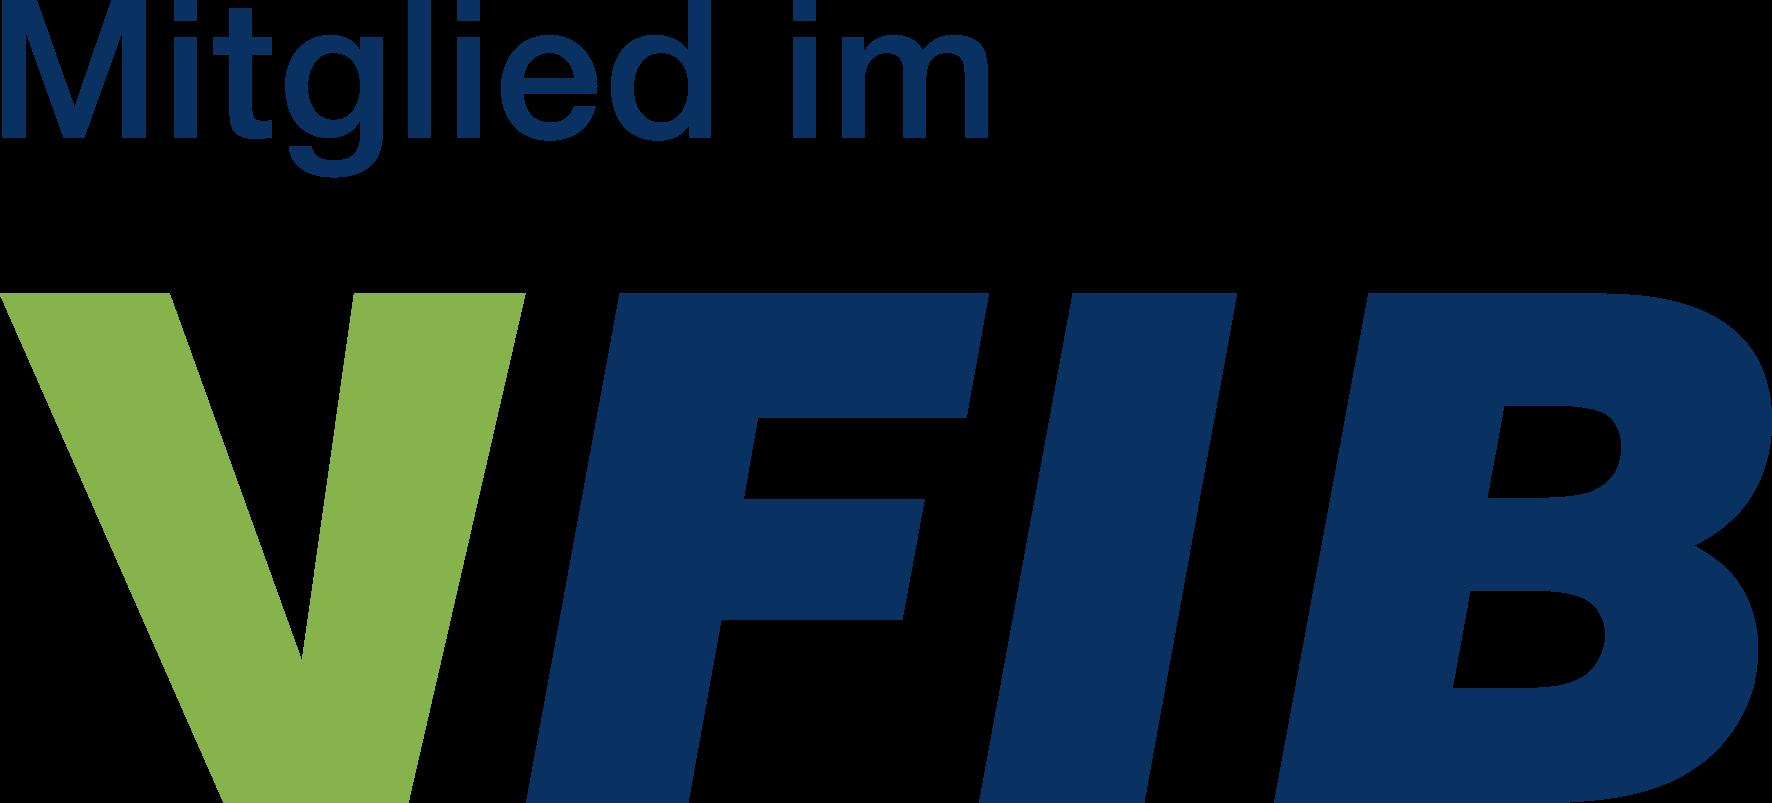 Mitglied im VFIB